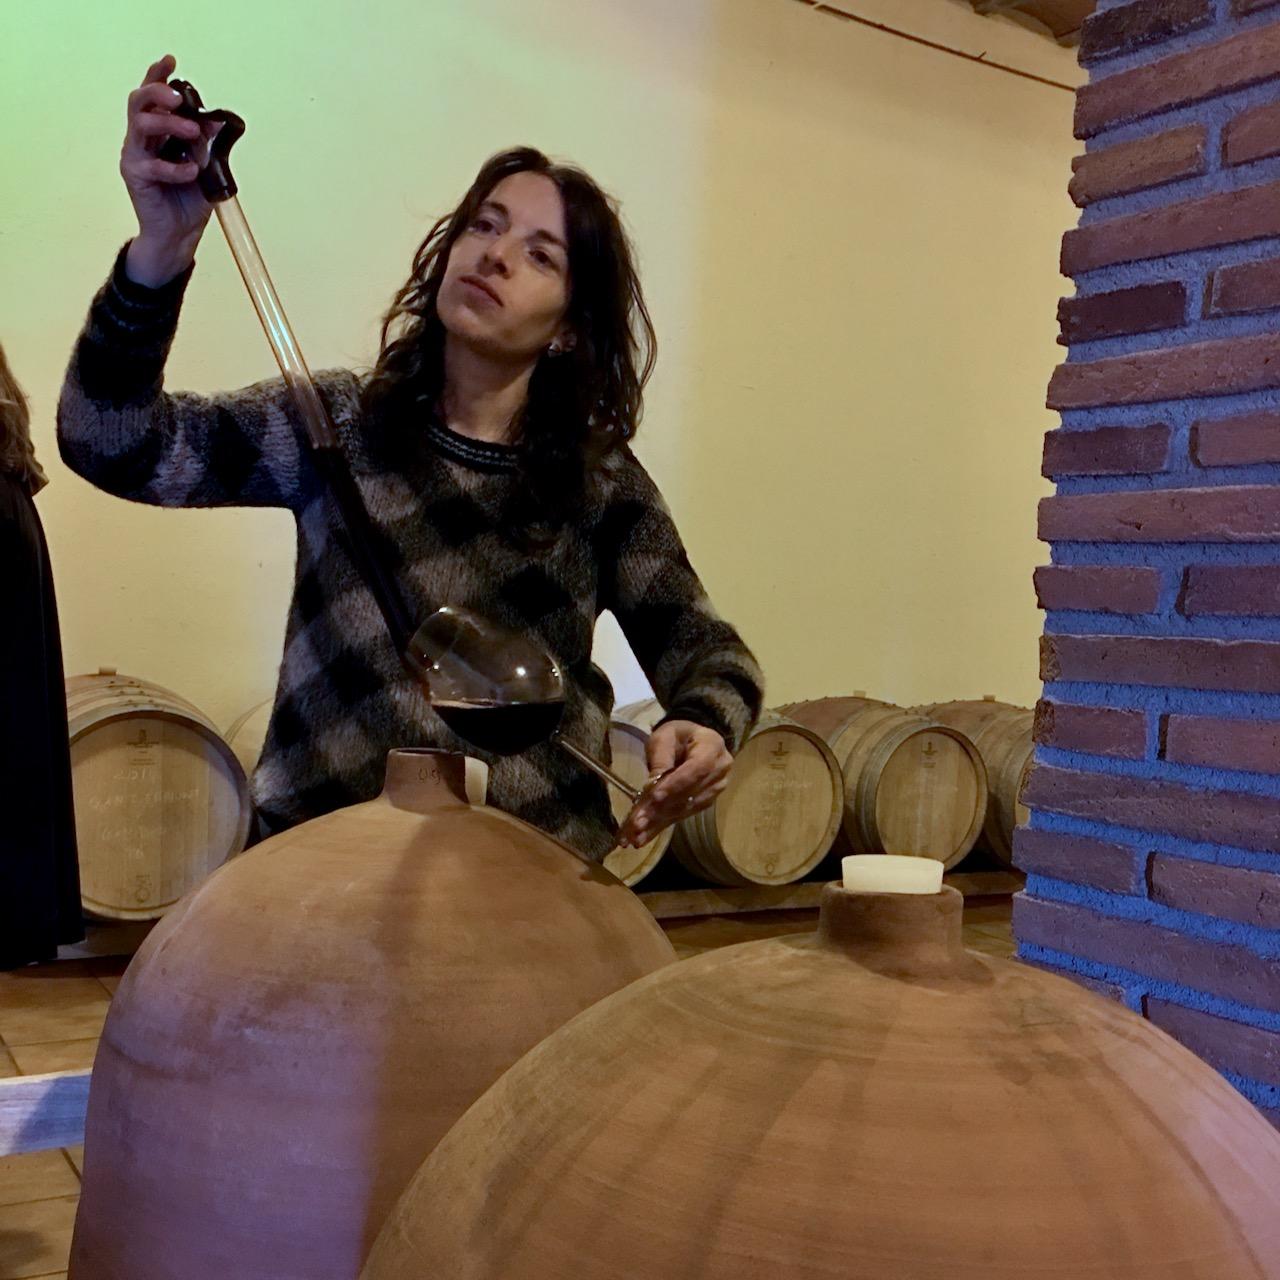 Morlanda winemaker Judit Llop